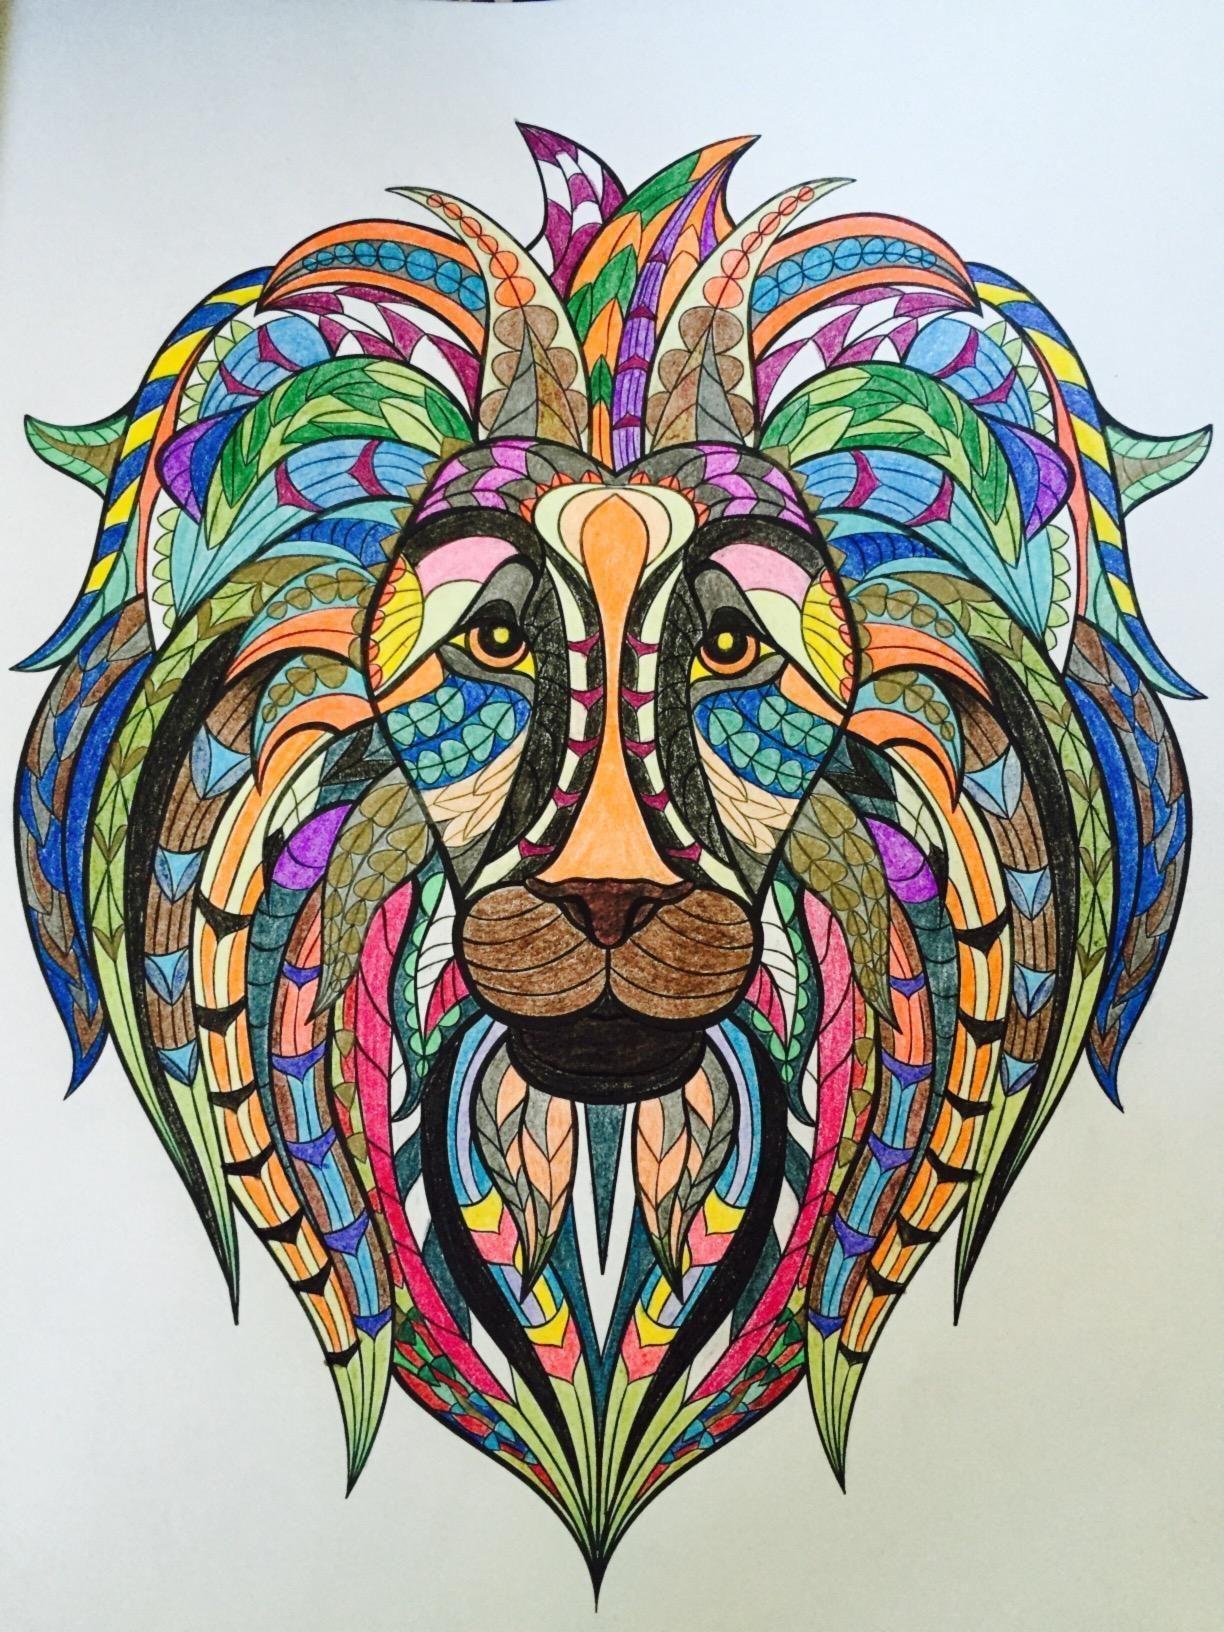 Pin On Art Ideas 4